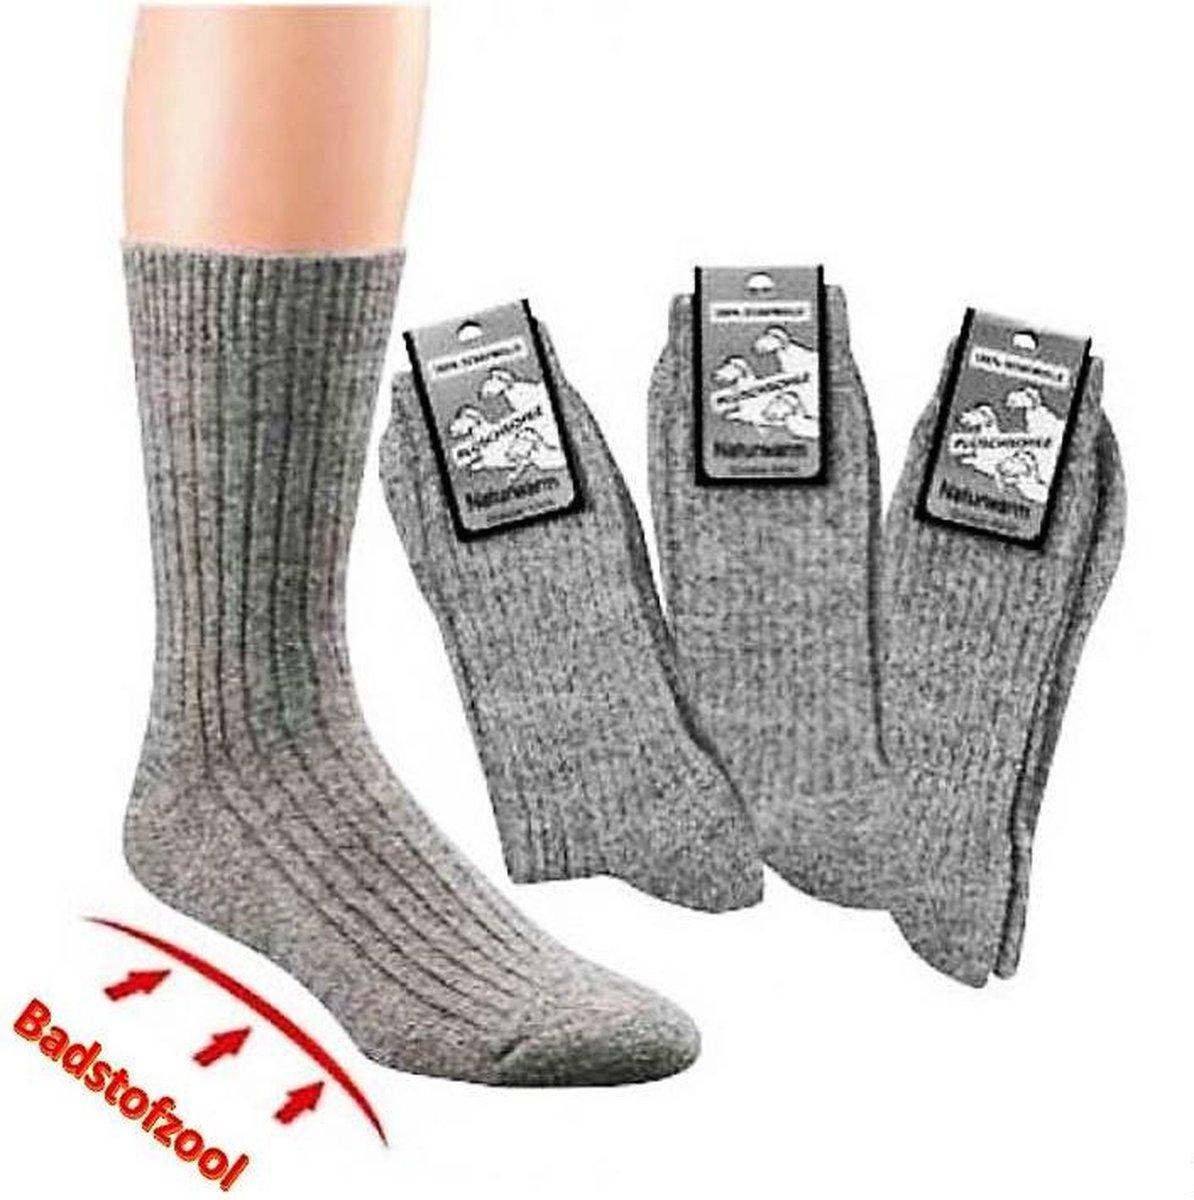 100% Schapenwol - Badstof Zool - Zonder Elastiek Multipack Unisex Sokken - 43-46 - Merkloos